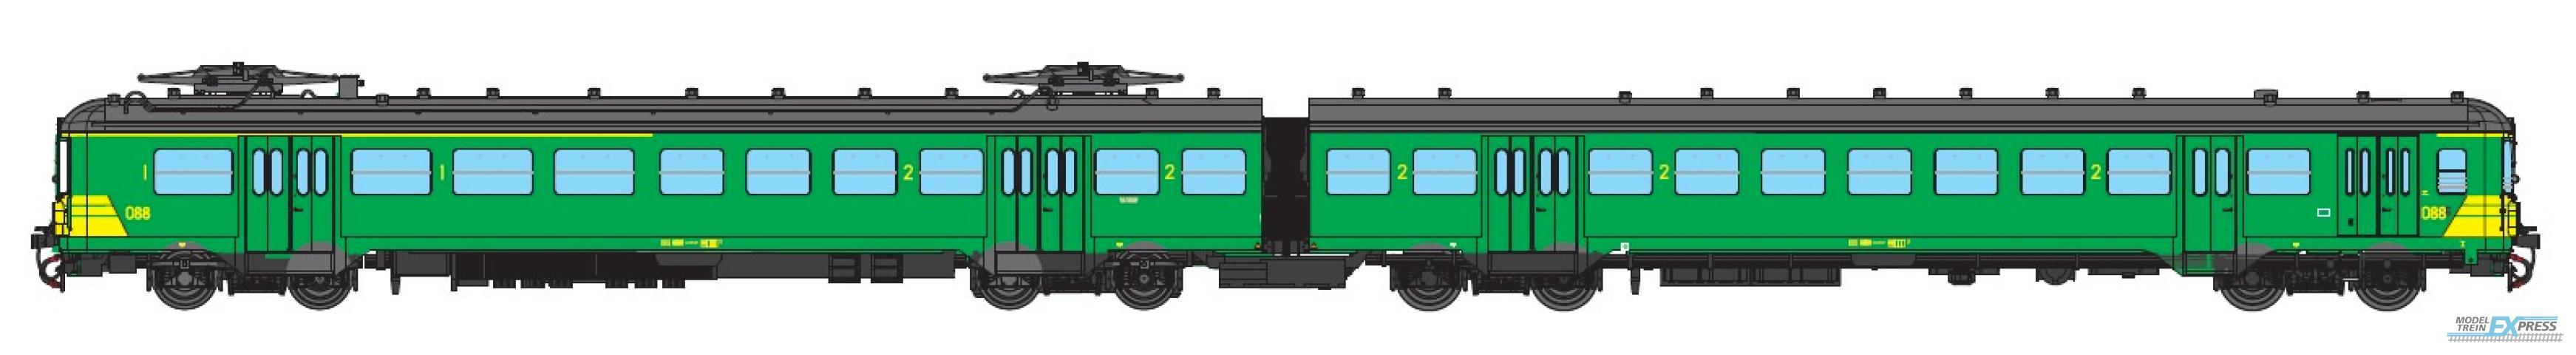 B-Models 7003.03